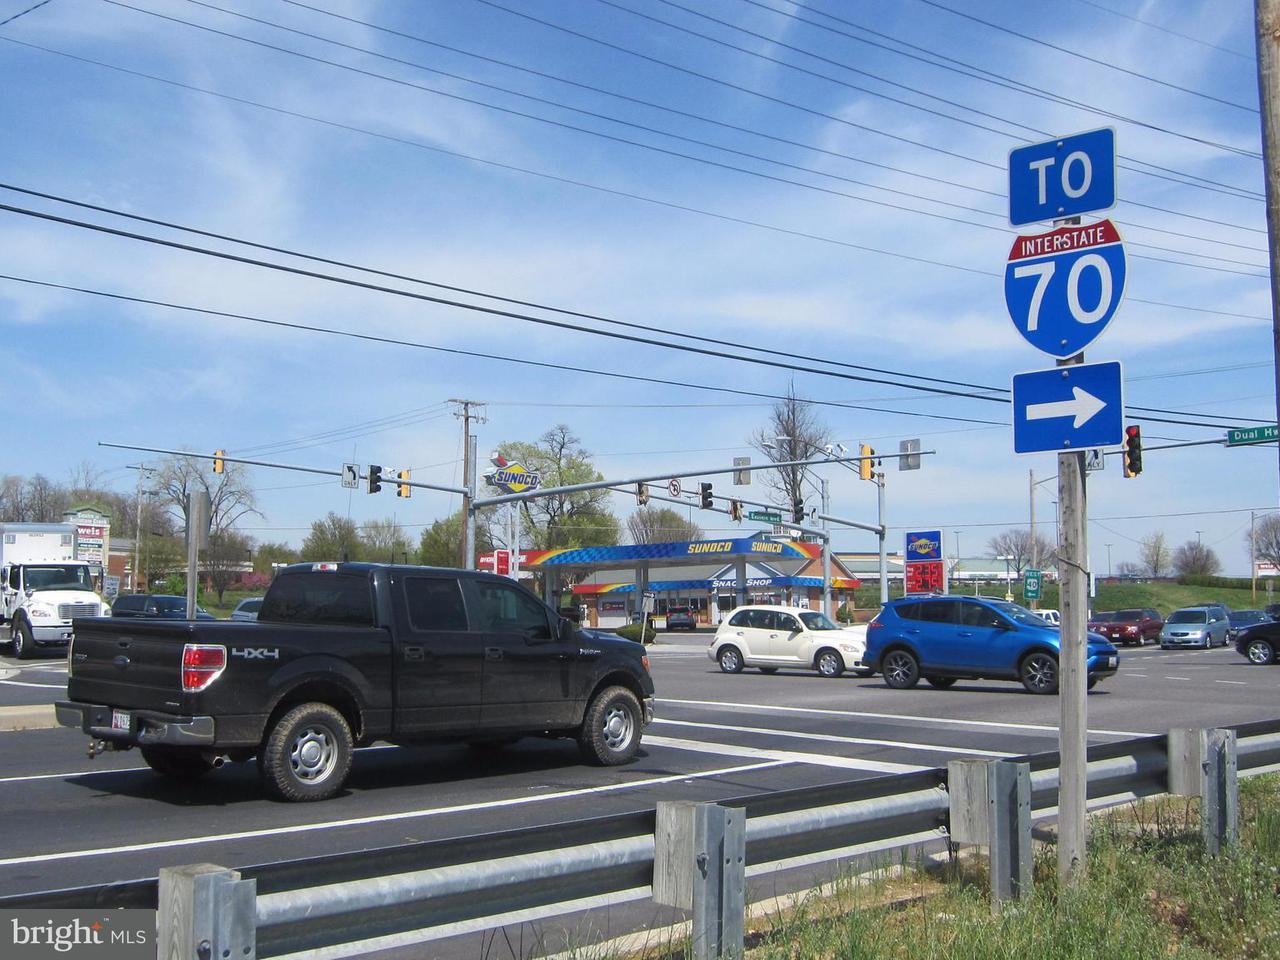 Land für Verkauf beim 20 EASTERN BLVD S 20 EASTERN BLVD S Hagerstown, Maryland 21740 Vereinigte Staaten